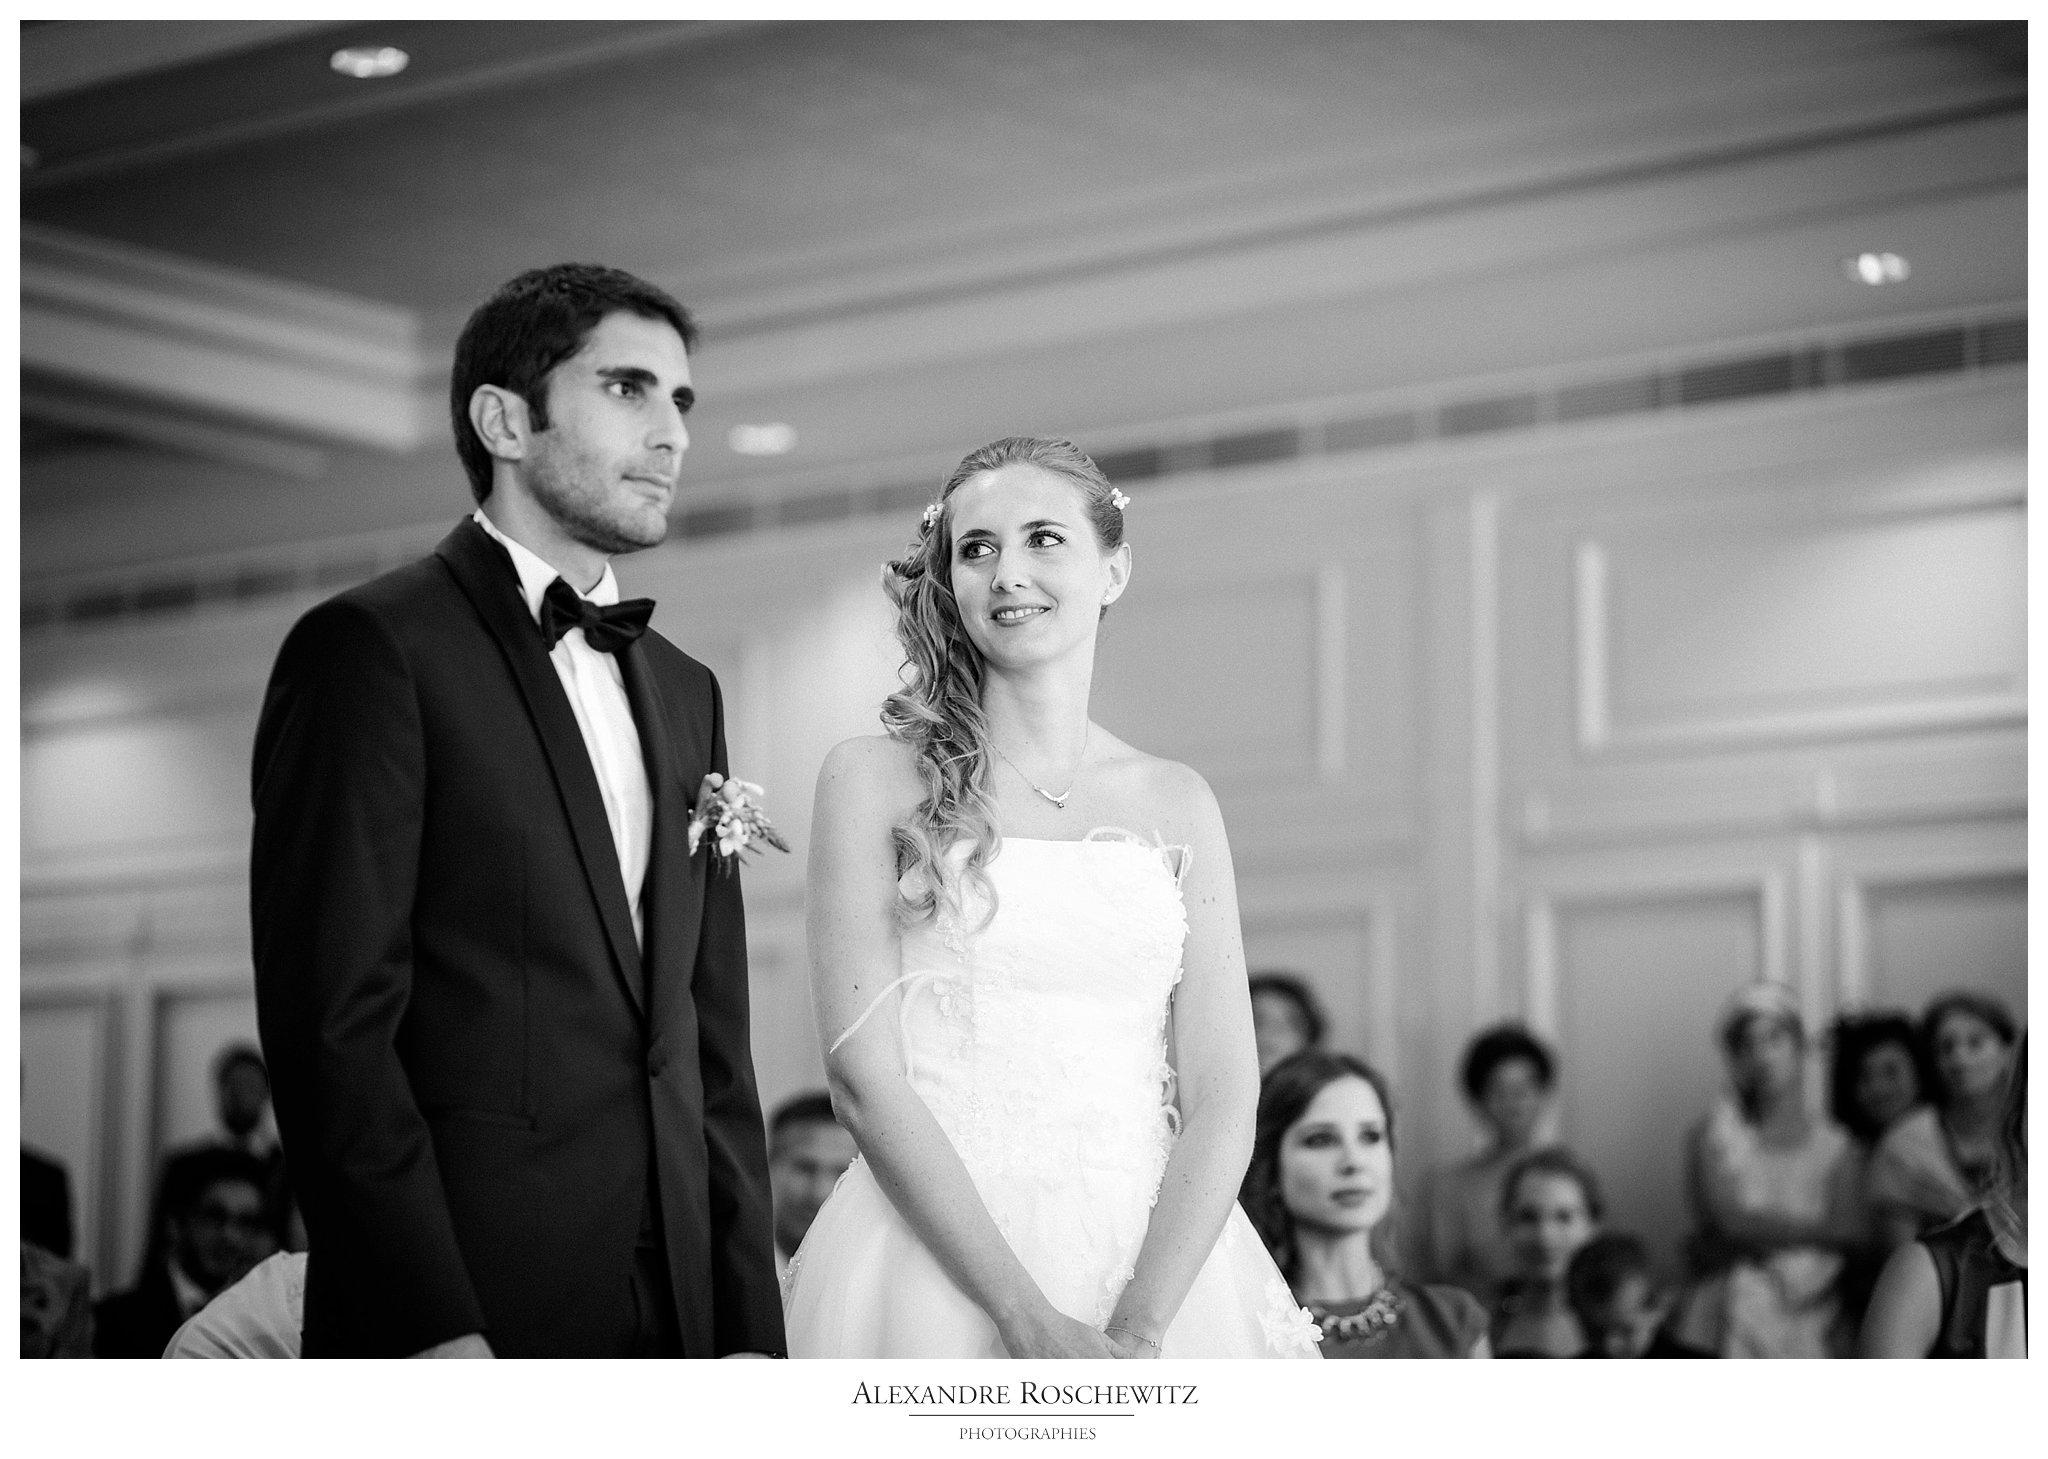 Les photos du mariage franco-libanais de Céline et Michel à Arcachon et à la Salle du tir au Vol. Alexandre Roschewitz Photographies.